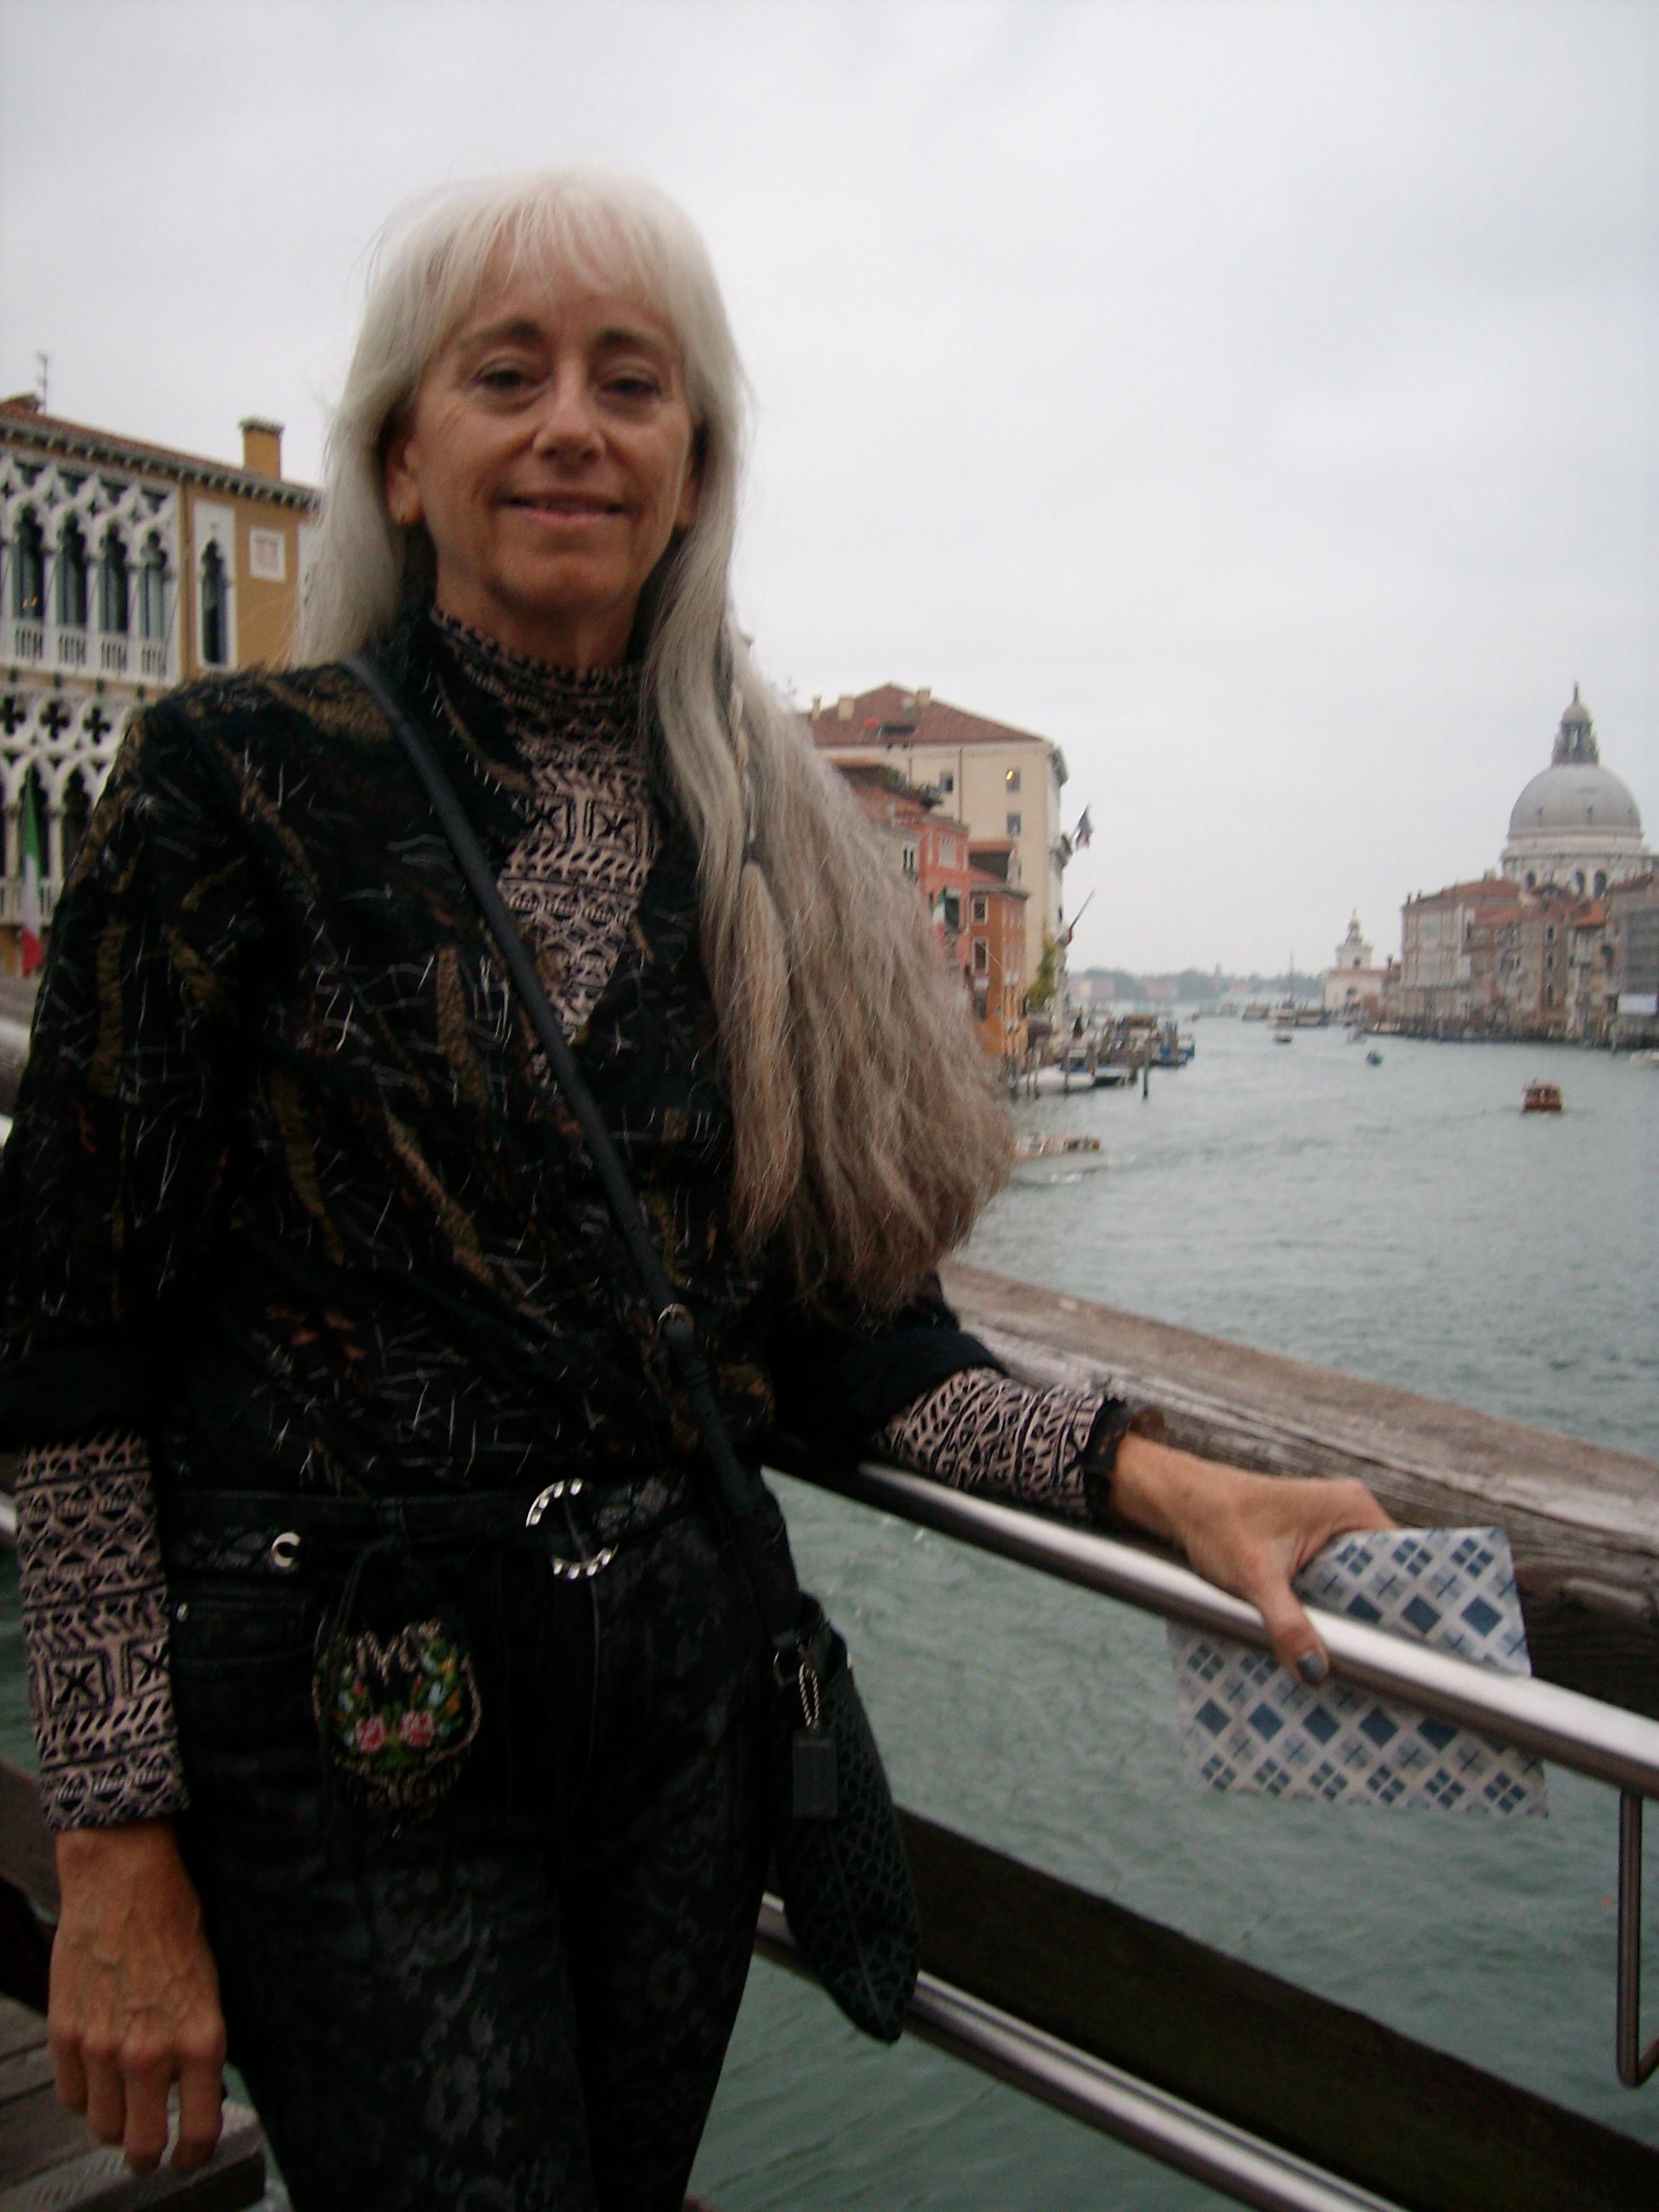 BarbaraPerryman